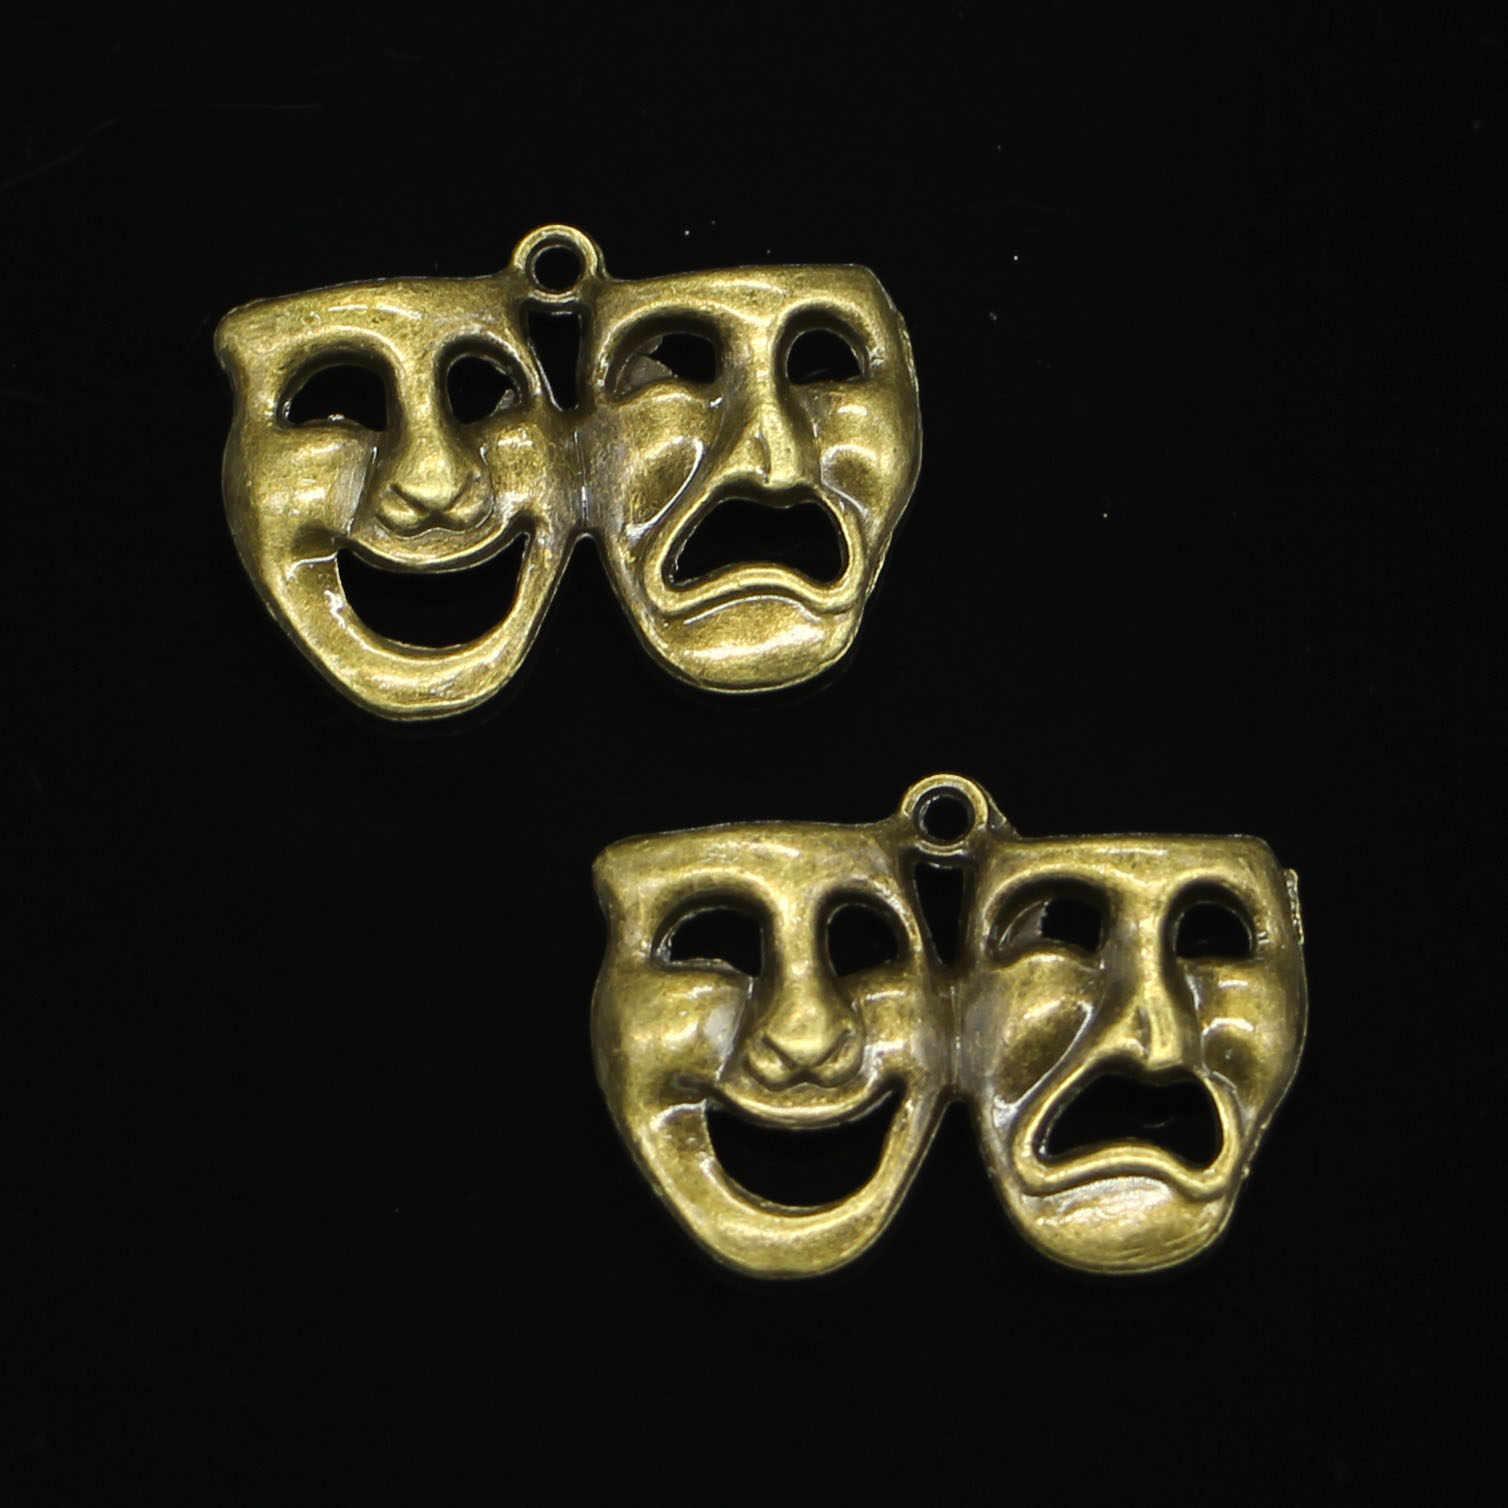 39 шт. античная бронза с покрытием браслет комедия трагедия маски Подвески для самостоятельного изготовления ювелирных изделий Подвески ручной работы 31*23 мм